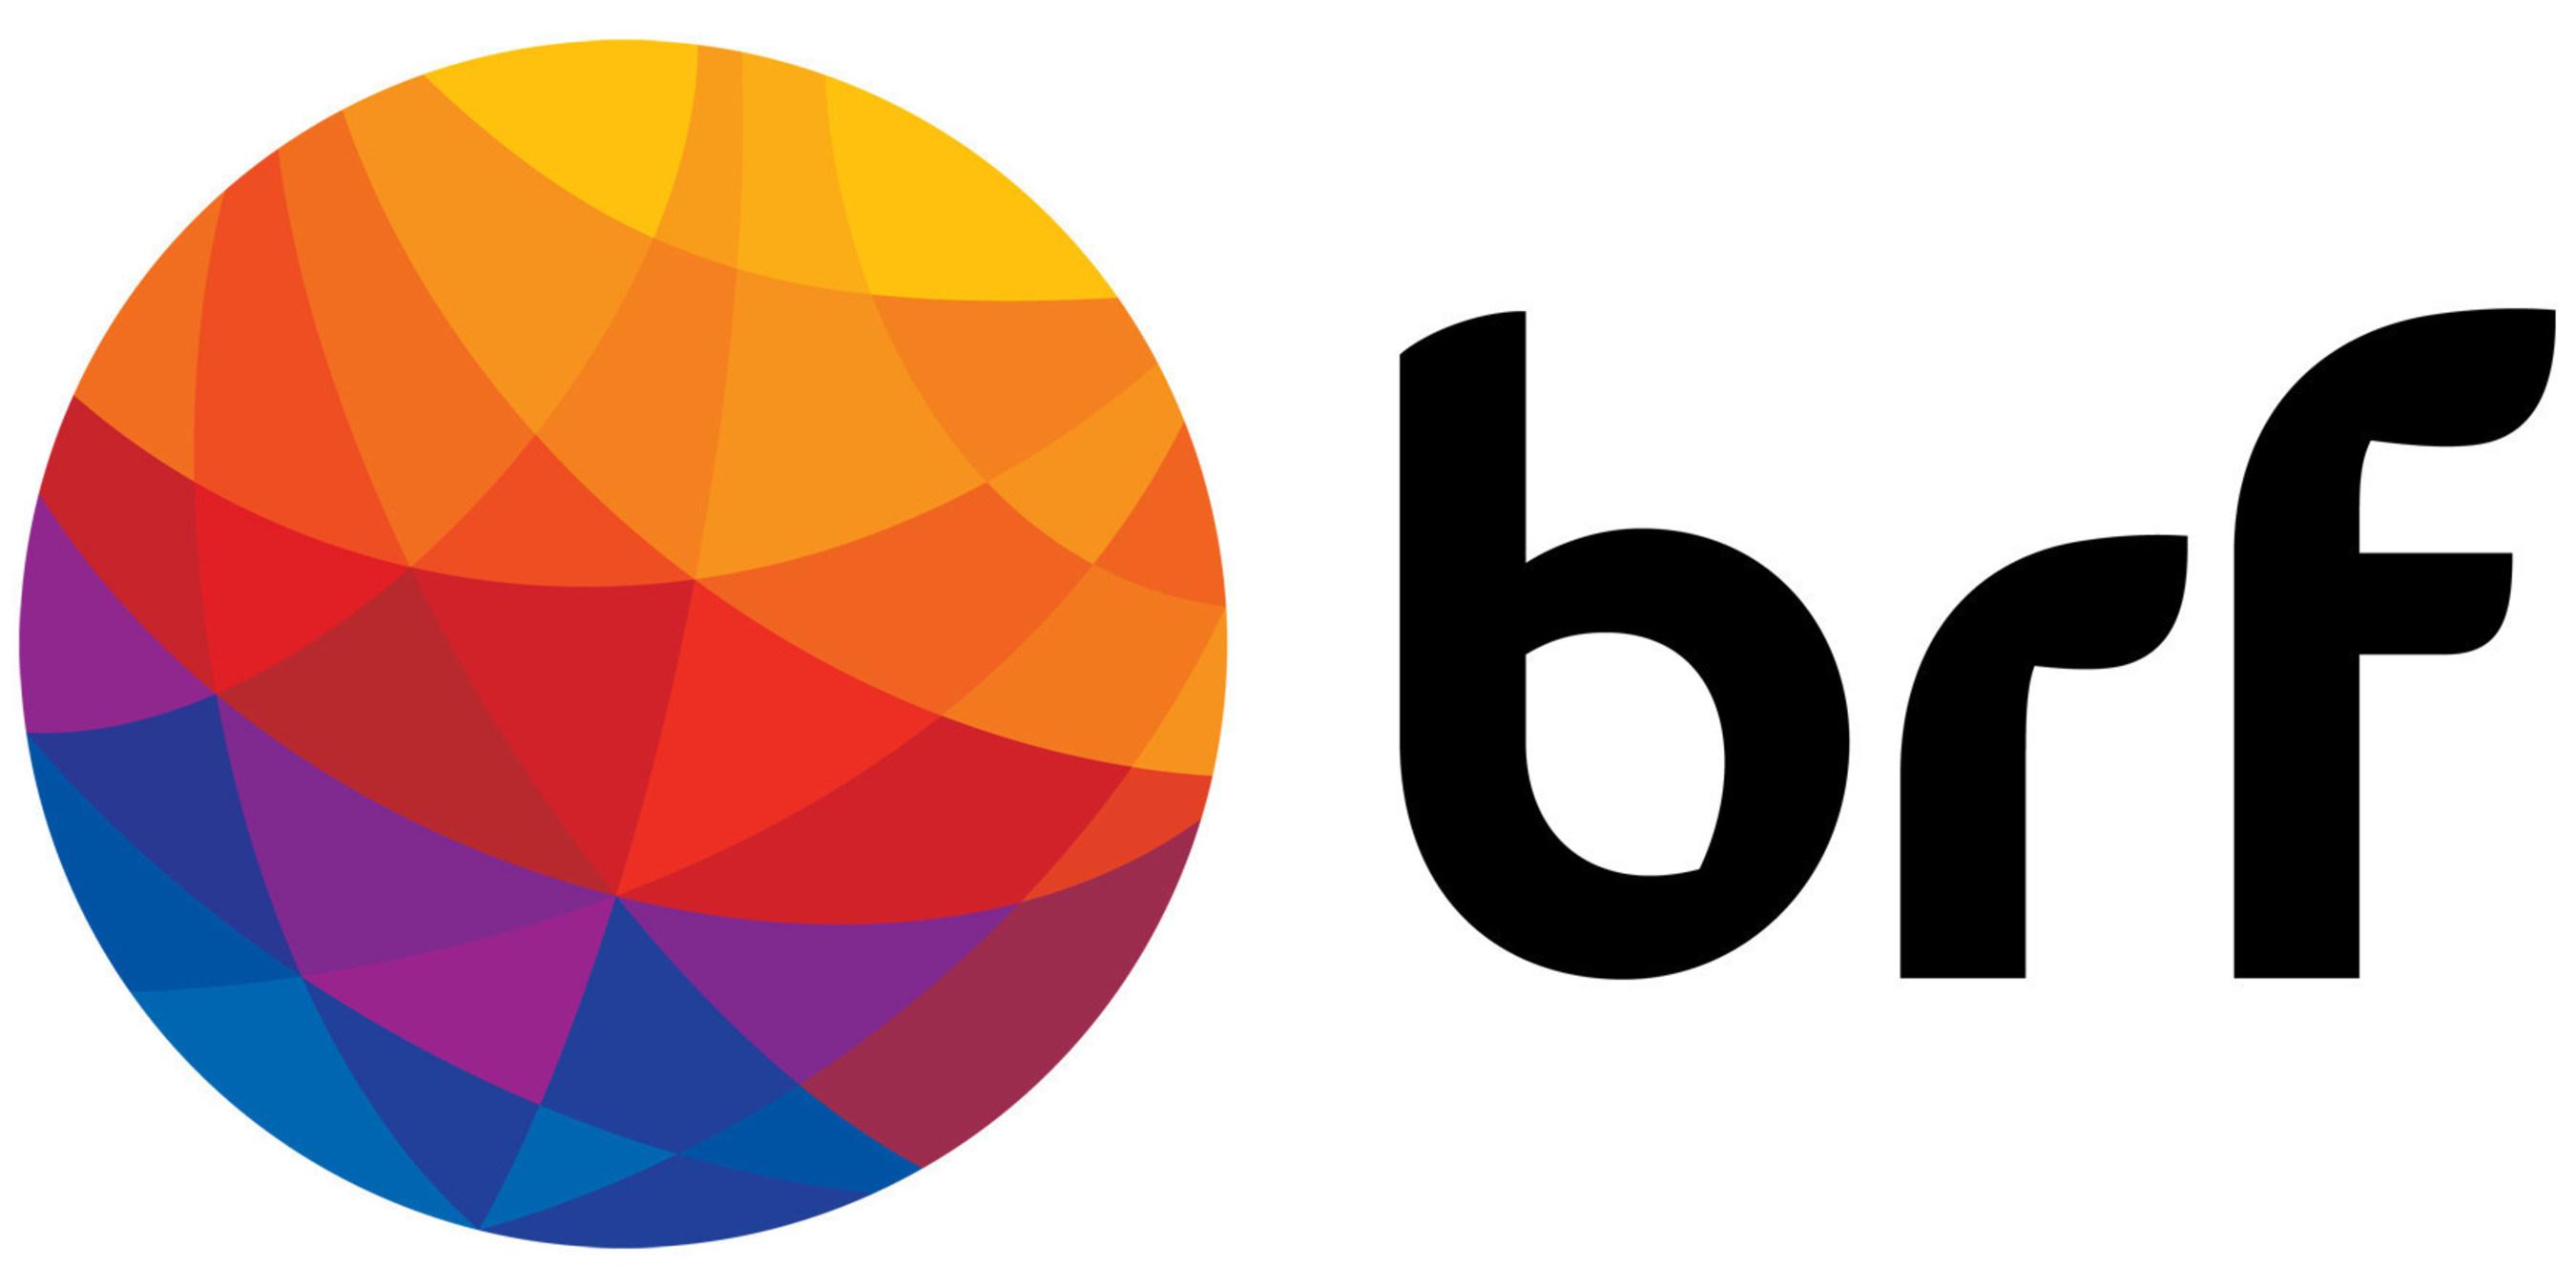 Net revenue of BRF grows 12.8% in 2Q15 to R$7.9 billion